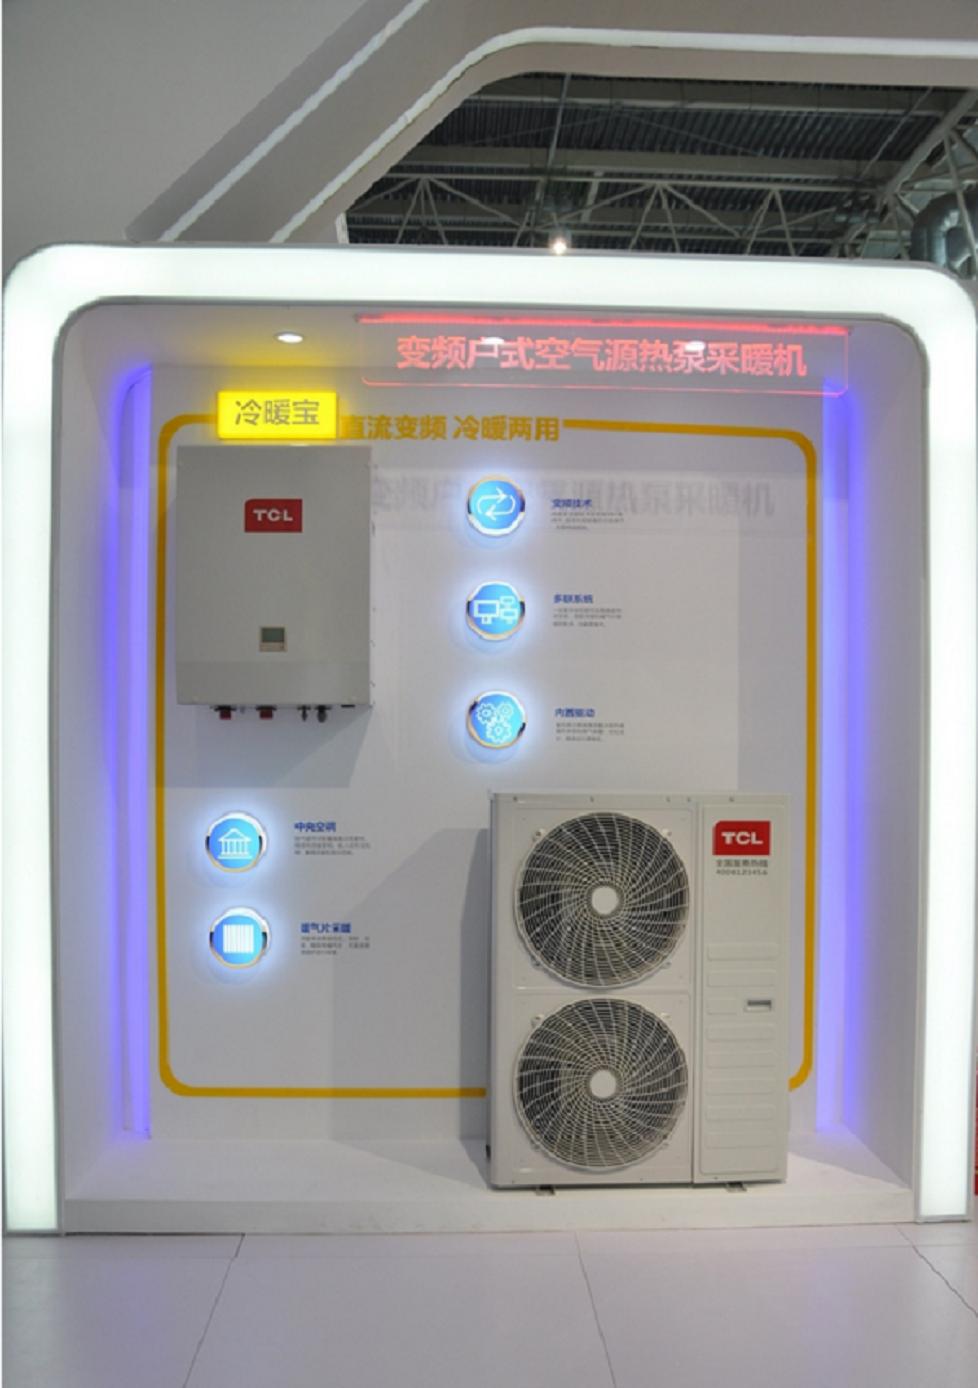 高清图:2017中国供热展之TCL